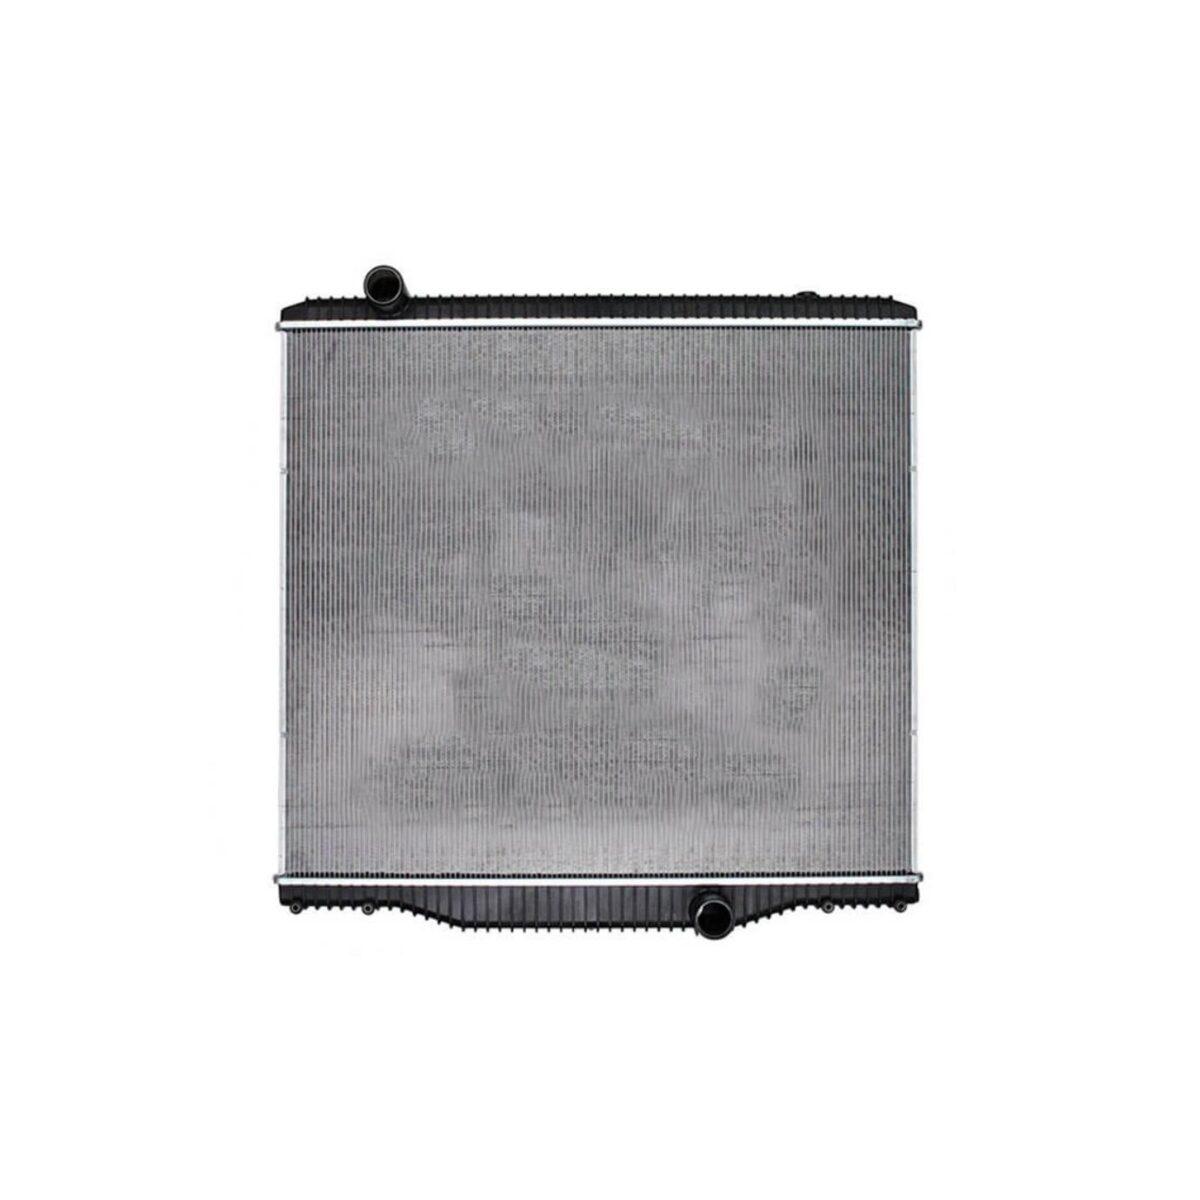 international prostartranstar 08 10 radiator oem 2594850c91 2